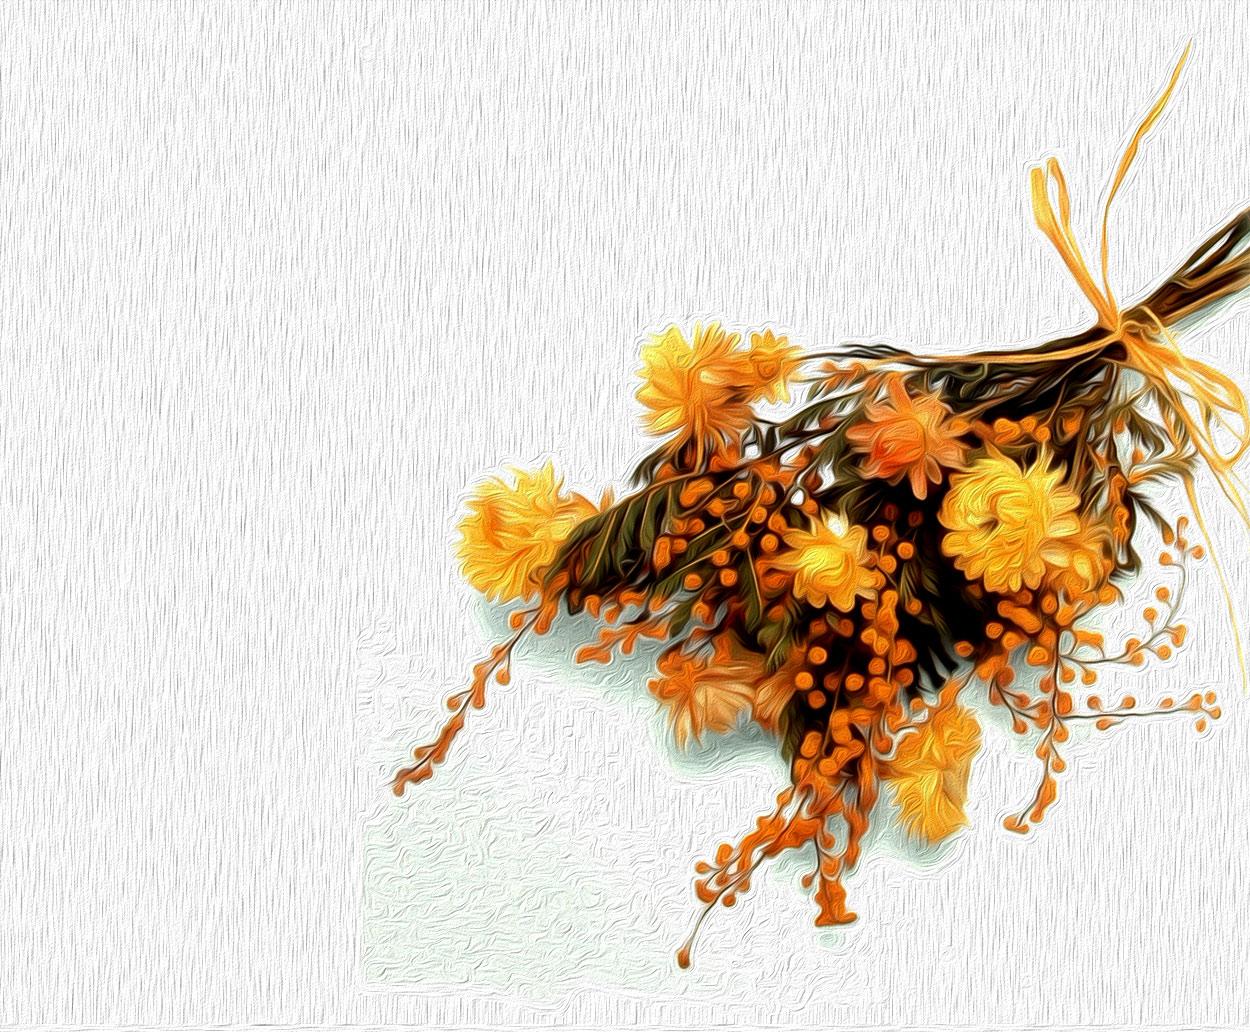 Ramo de flores secas amarillas